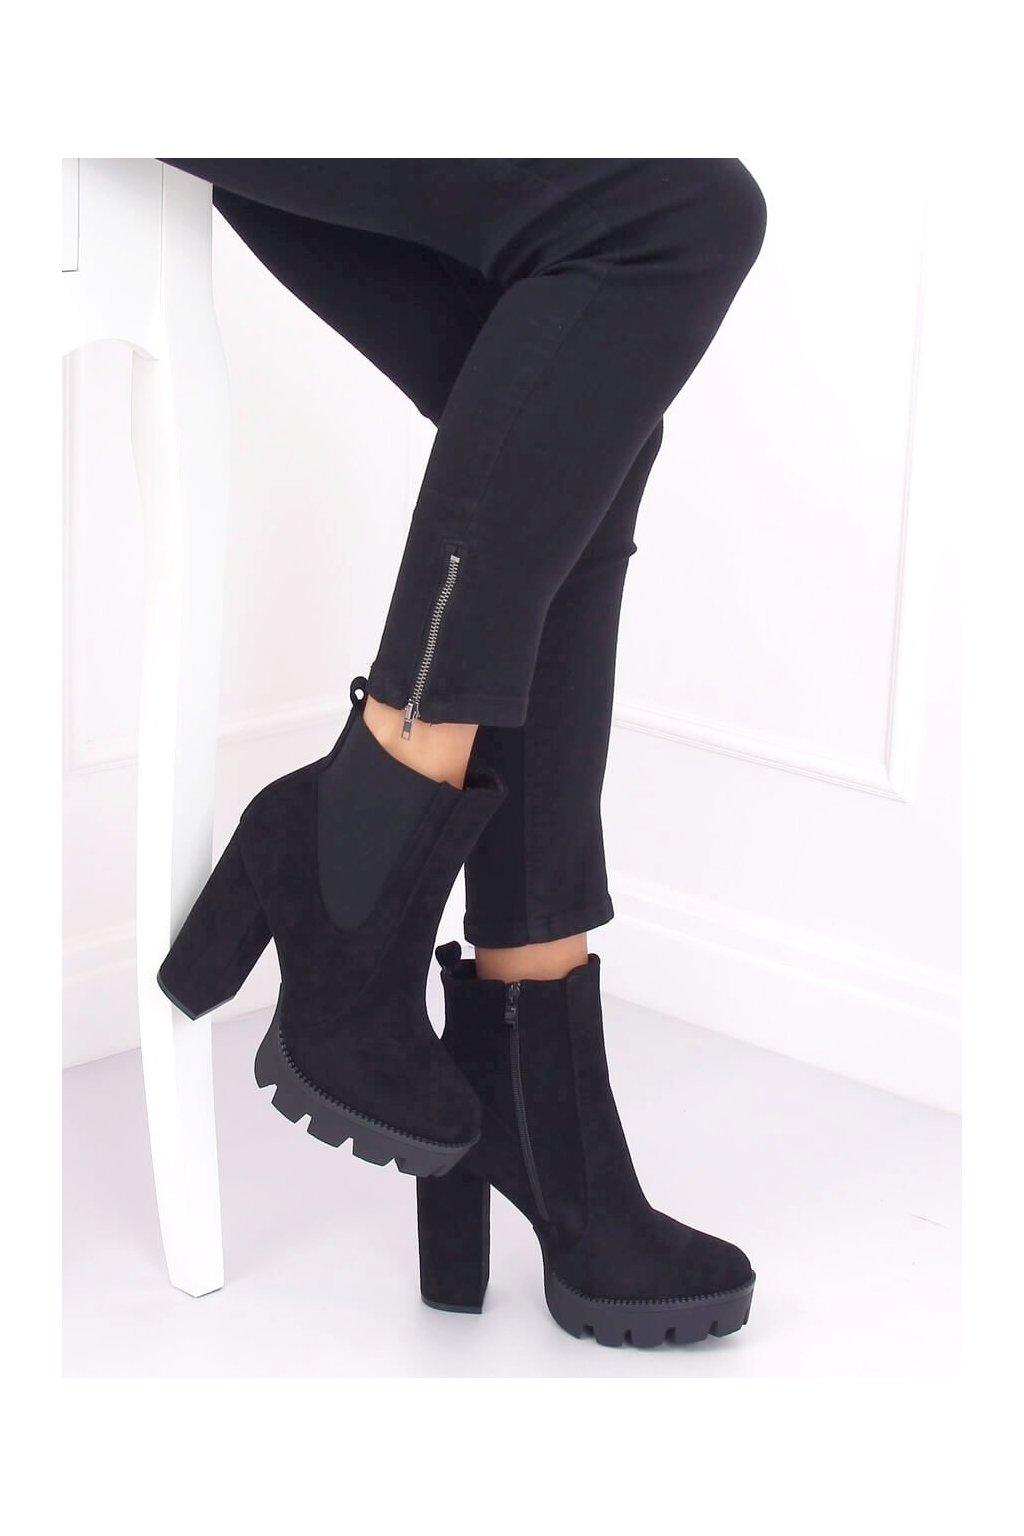 Dámske členkové topánky čierne na širokom podpätku DA30P